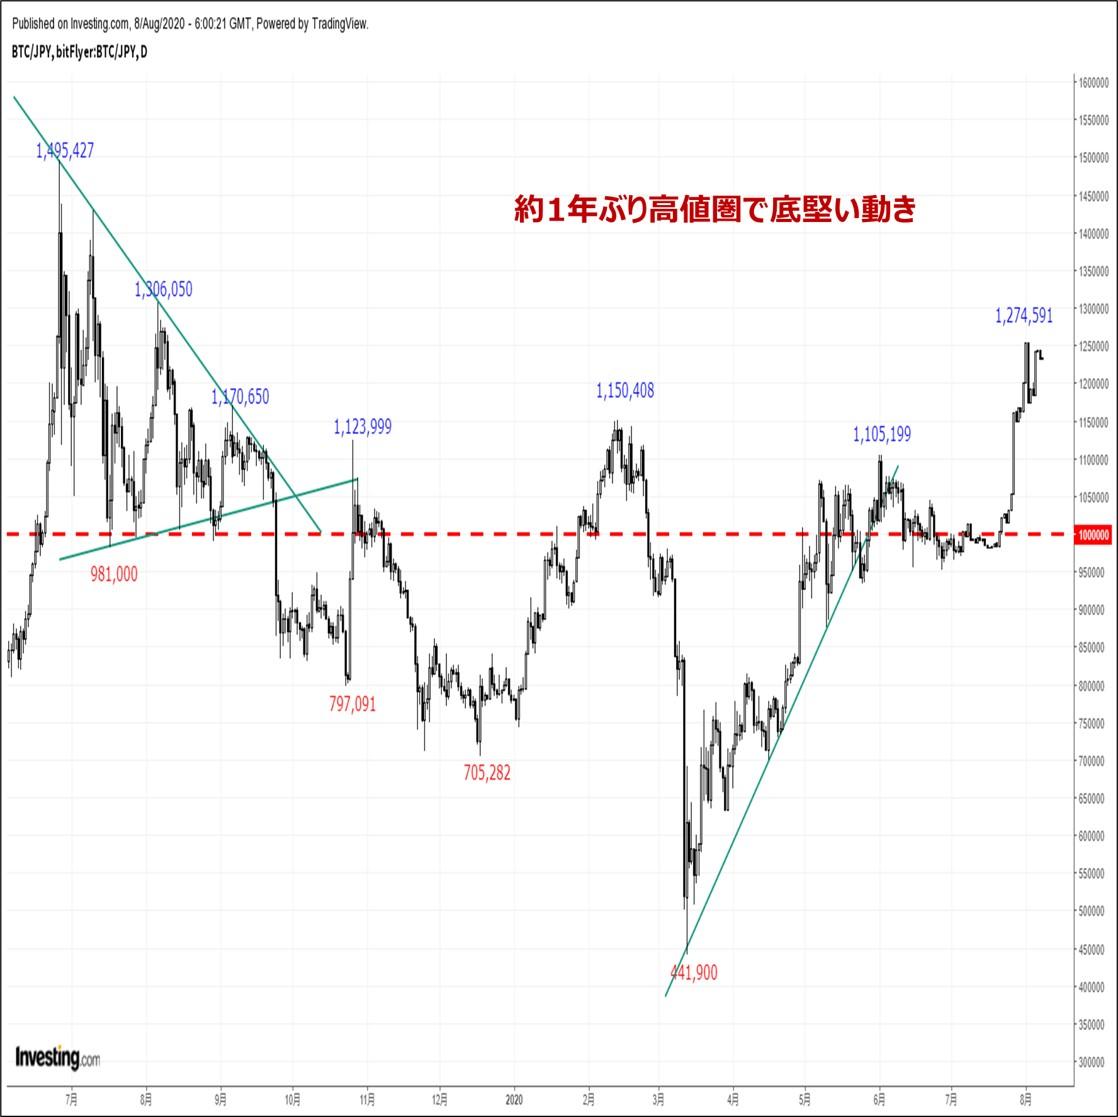 ビットコインの価格分析『ポジション調整主導で反落するも下値は堅い。高値更新は射程圏内』(8/9)